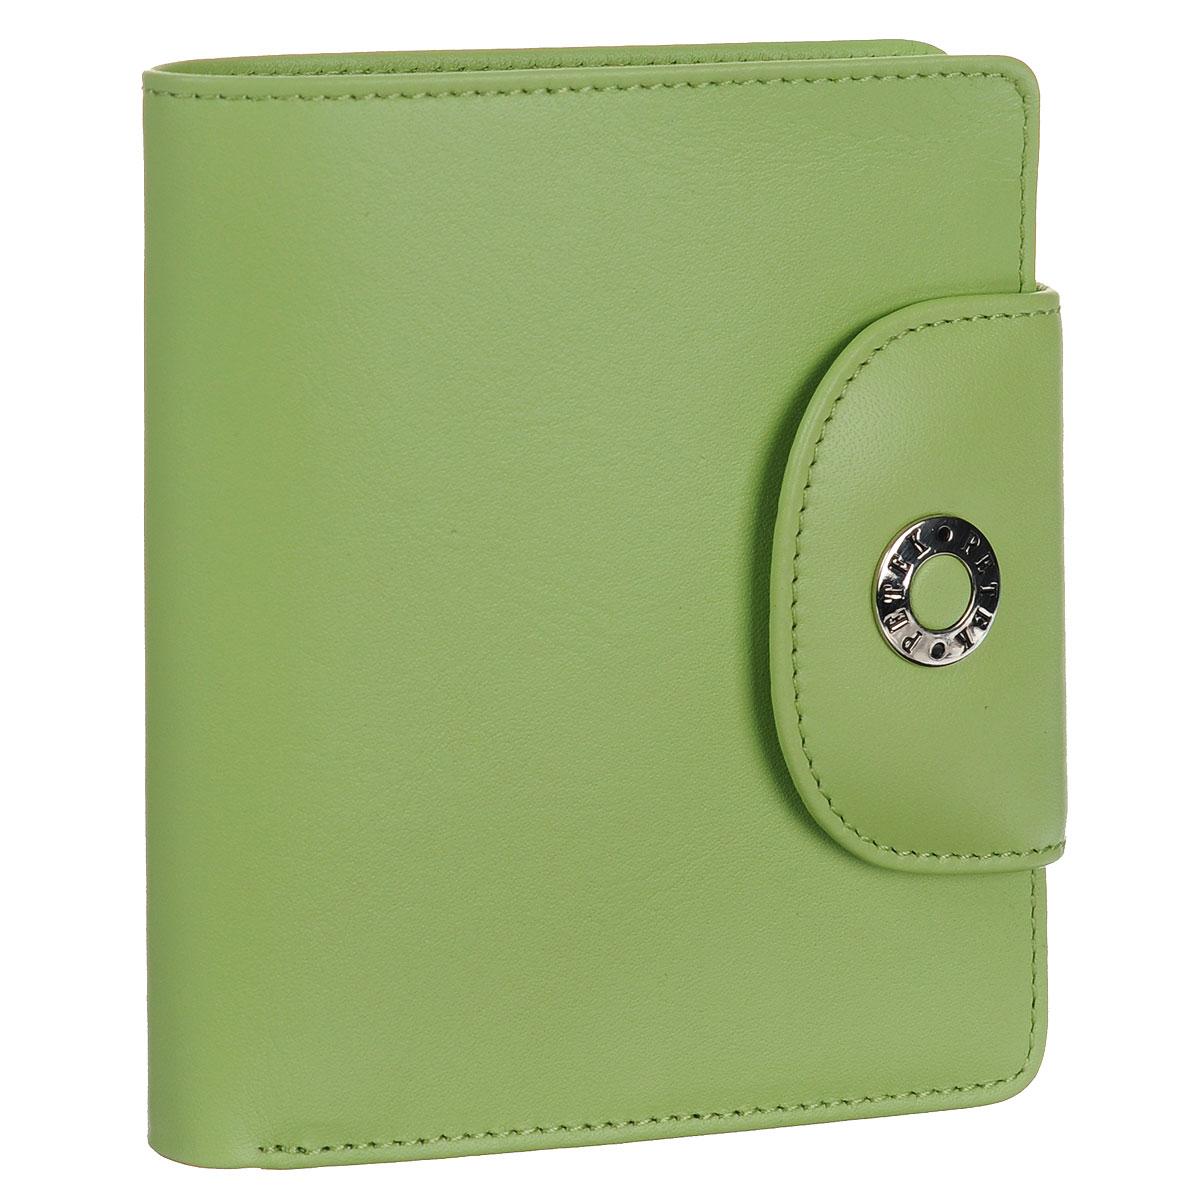 Портмоне Petek, цвет: салатовый. 346.167.93346.167.93 Sharp GreenСтильное портмоне Petek изготовлено из высококачественной натуральной кожи с гладкой поверхностью. Изделие закрывается при помощи клапана на кнопку. Внутри - два отделения для купюр, карман для мелочи на кнопке, два потайных кармана, три прорезных кармашка для кредиток и два кармана для чеков и мелких бумаг. Стильное и практичное портмоне Petek идеально подчеркнет ваш образ. Упаковано в фирменную картонную коробку с логотипом брэнда.